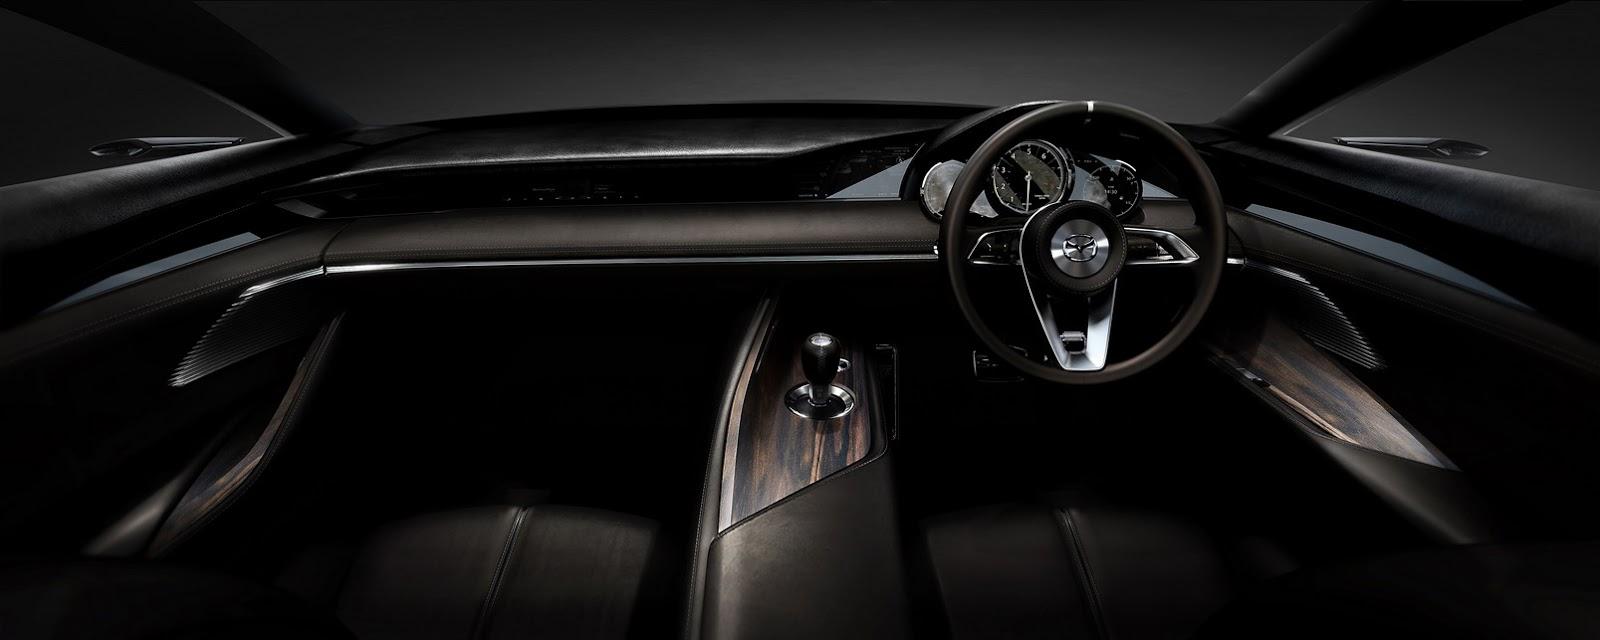 Mazda-Vision-Coupe-12